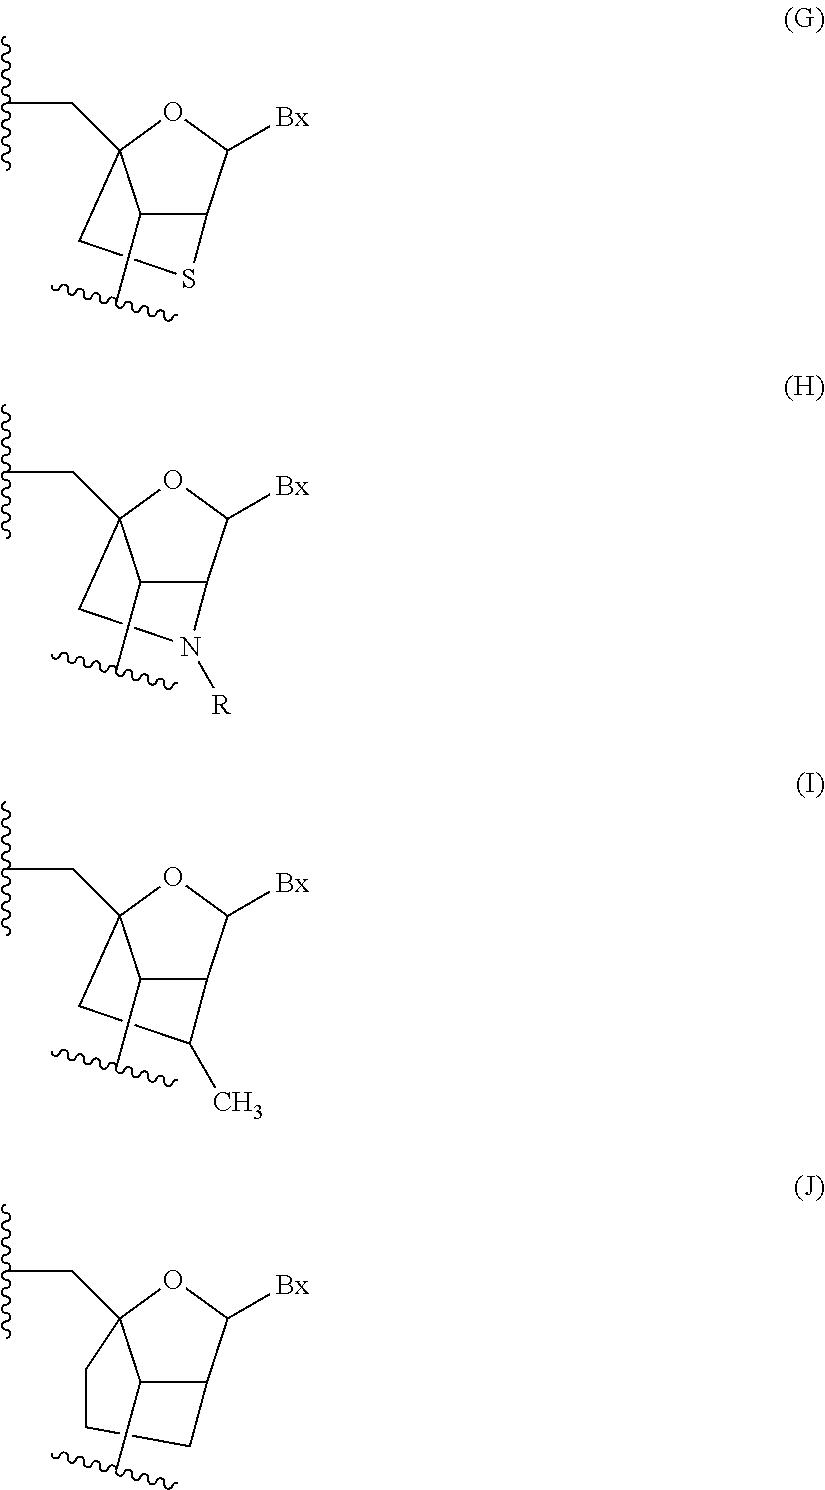 Figure US09957504-20180501-C00134